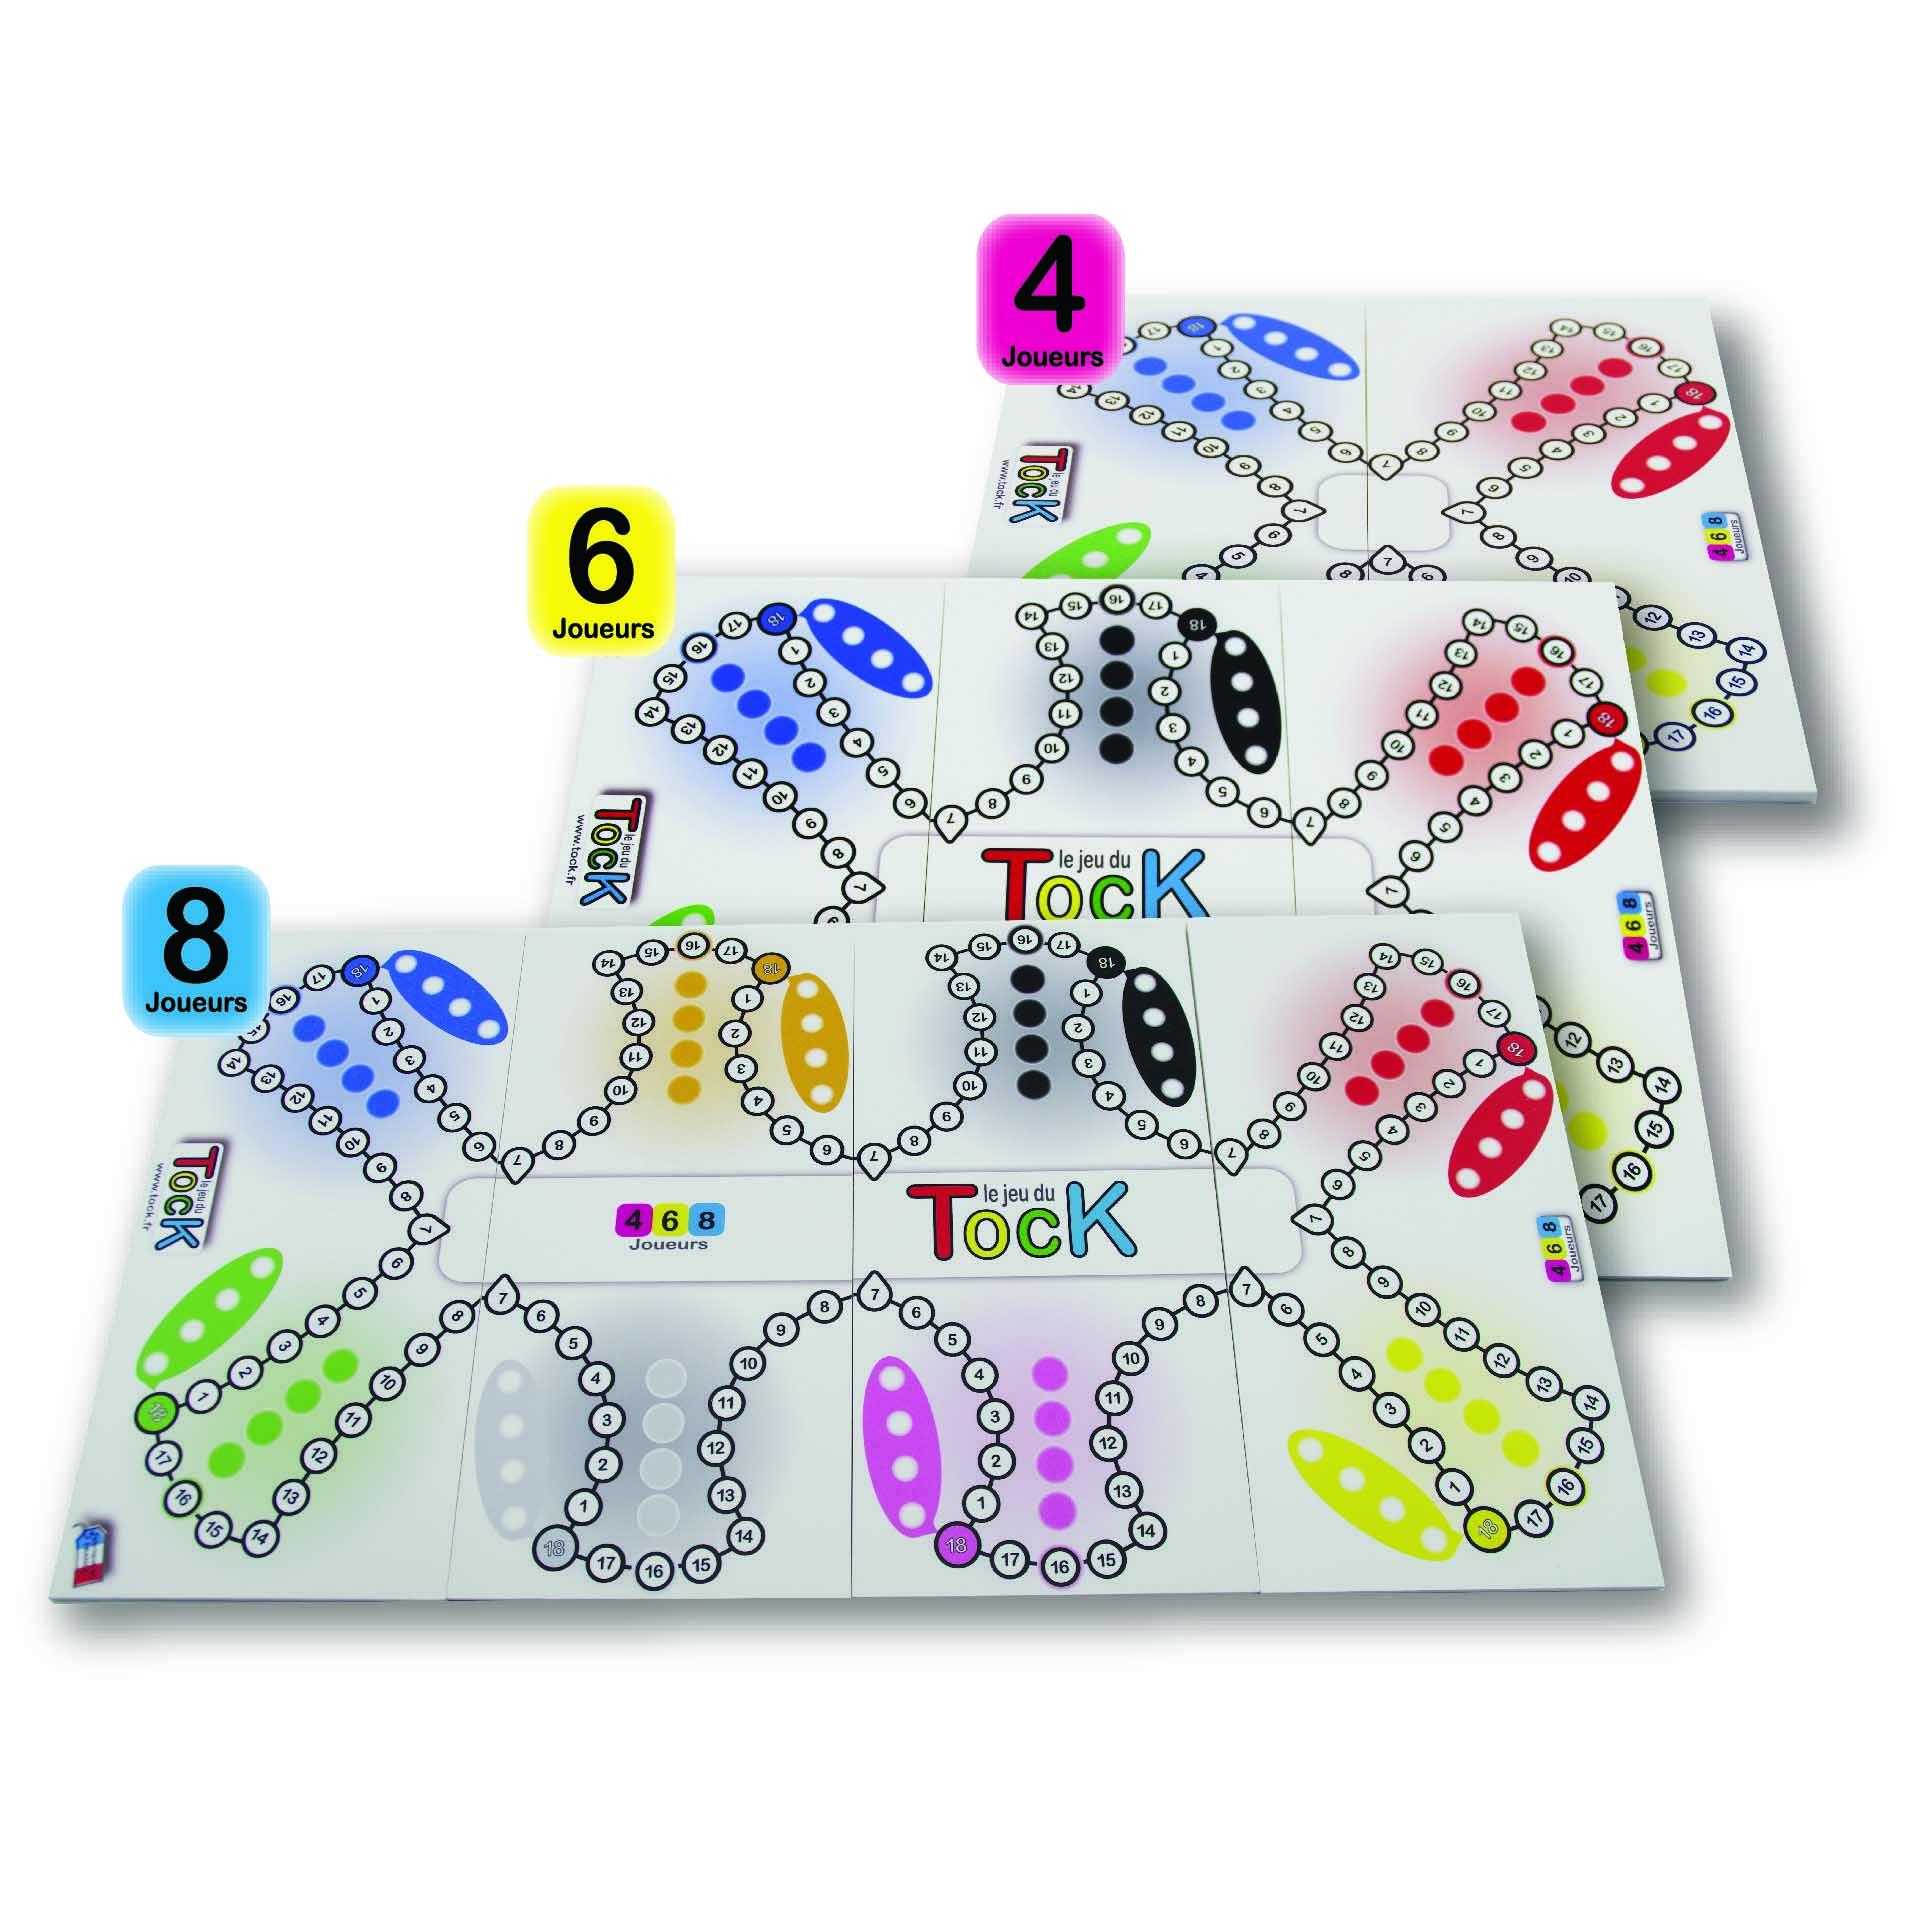 Jeu Du Tock Toc Tac-Tik 4 6 8 Joueurs encequiconcerne Jeu De 4 Images